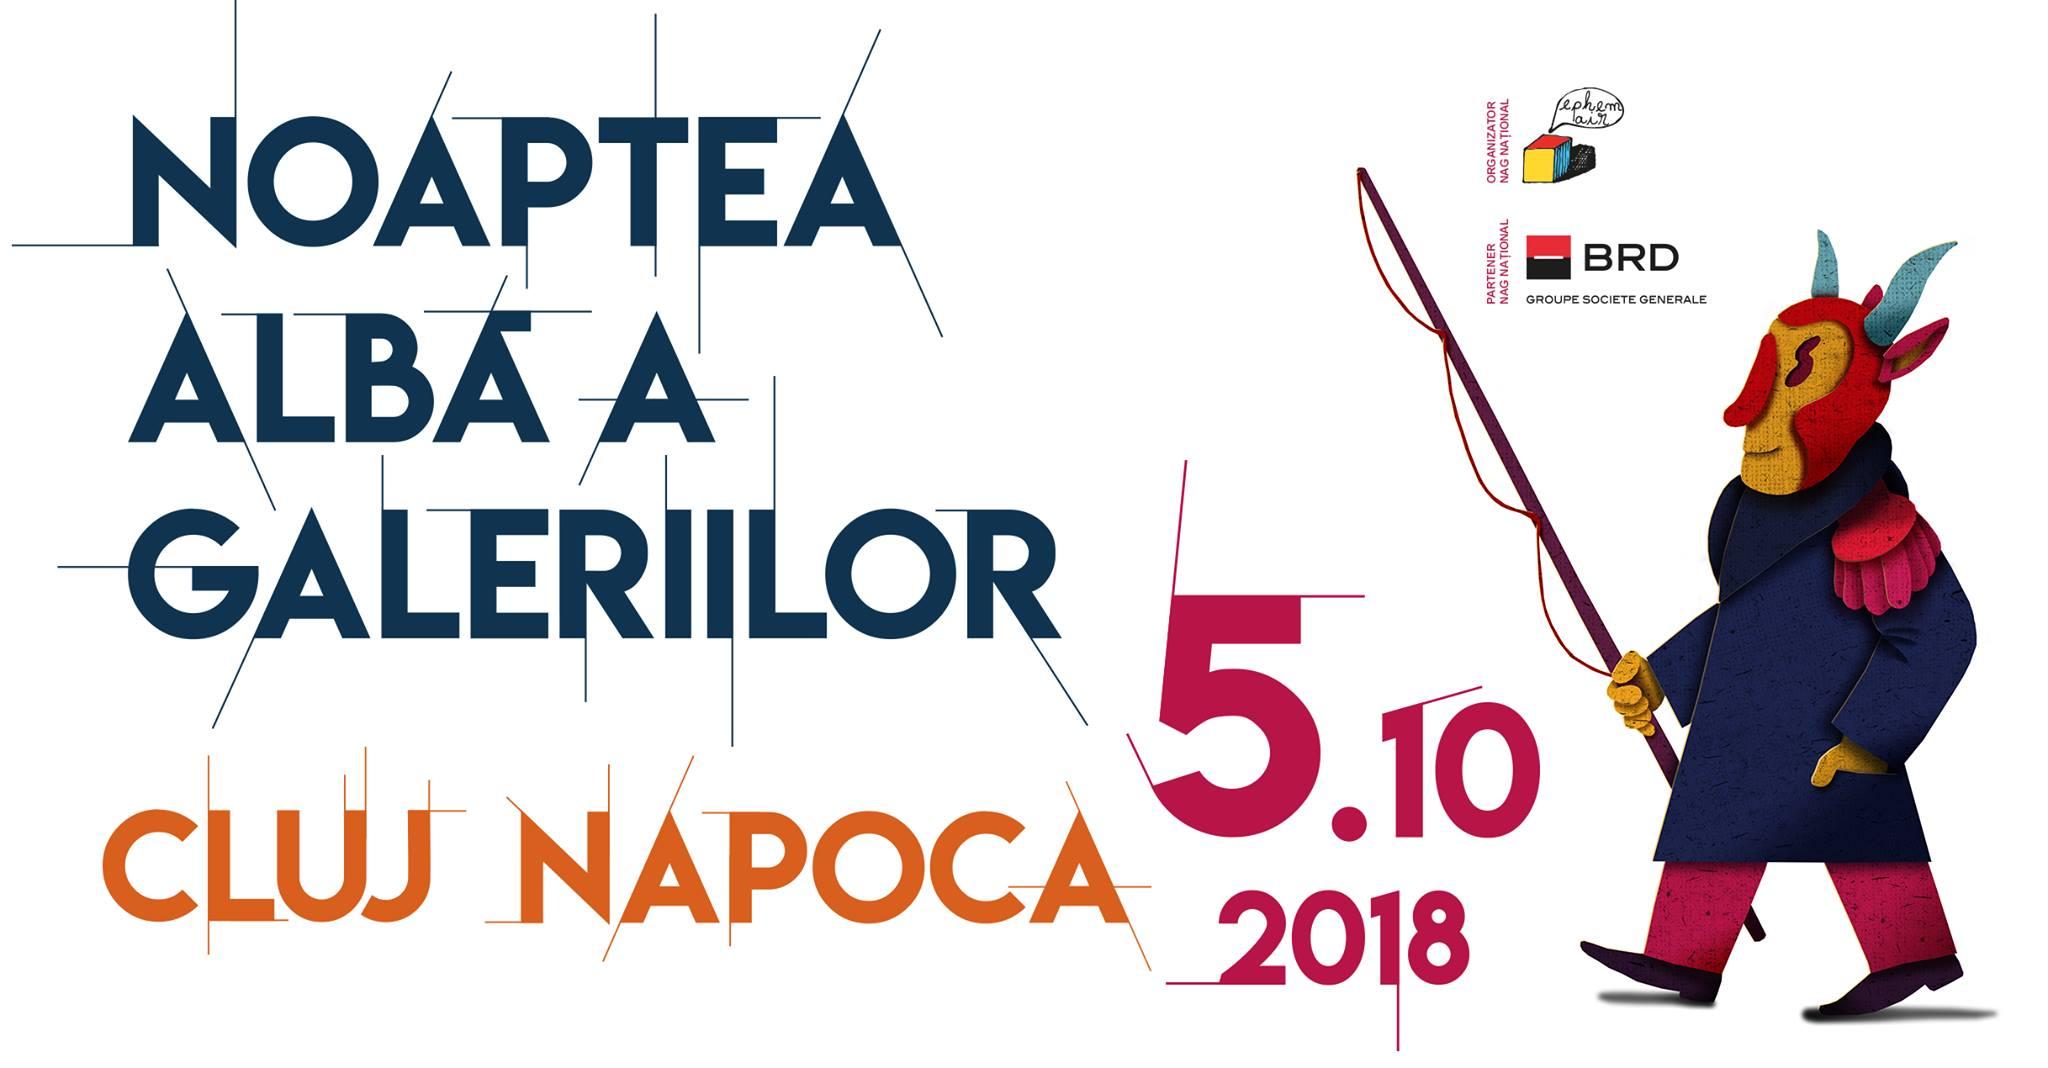 În Cluj-Napoca, la Noaptea Albă a Galeriilor participă 13 galerii şi spaţii alternative